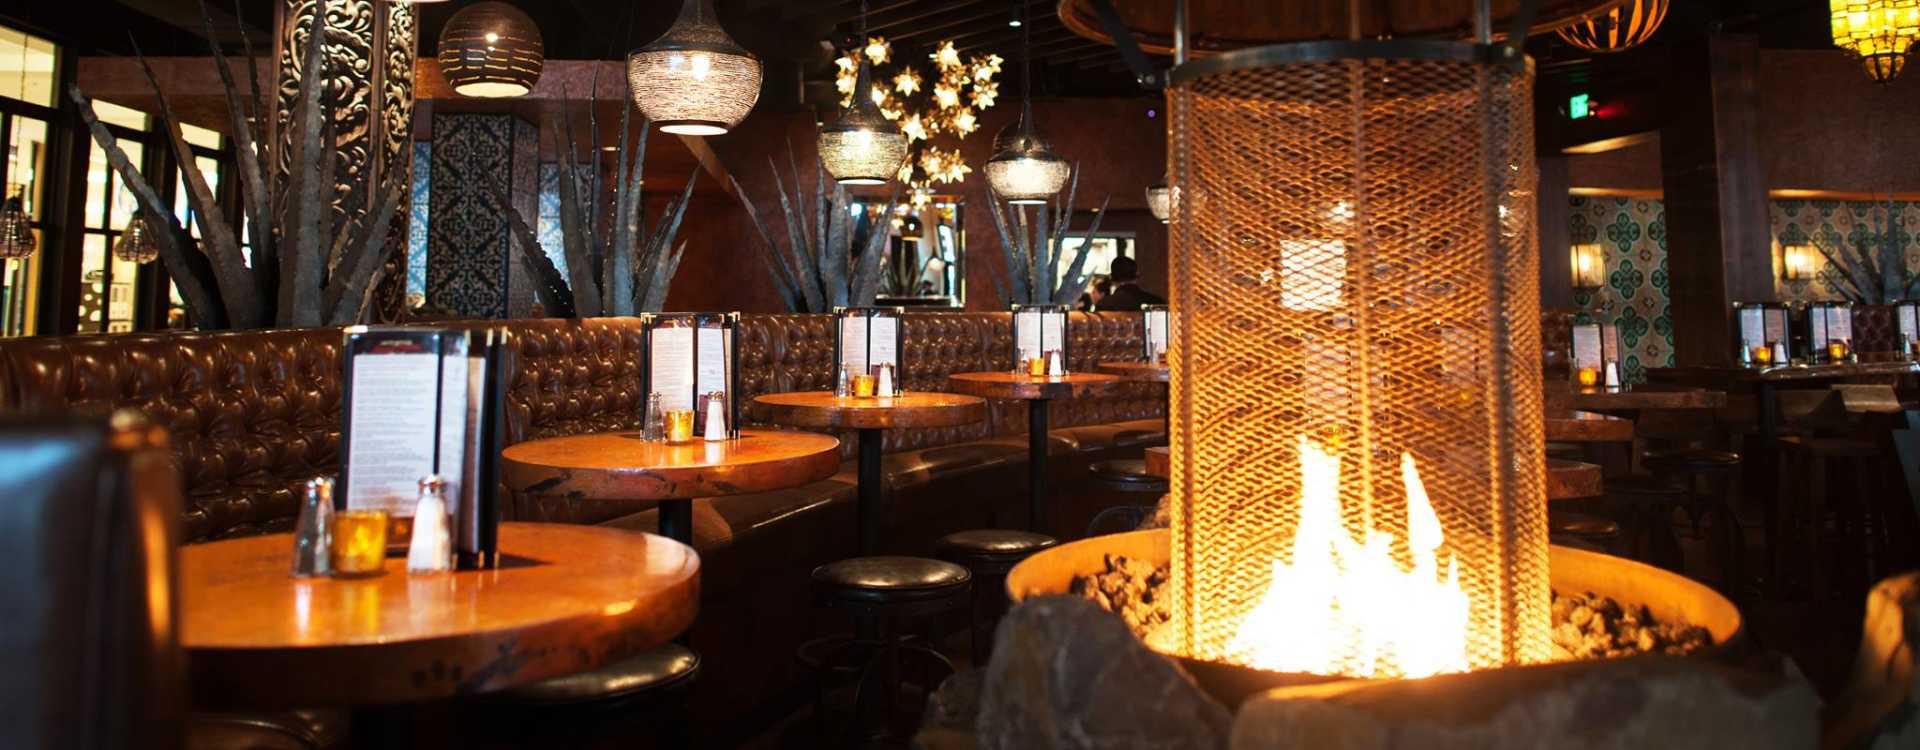 Moctezuma_s_Mexican_Restaurant___Tequila_Bar-2.jpg